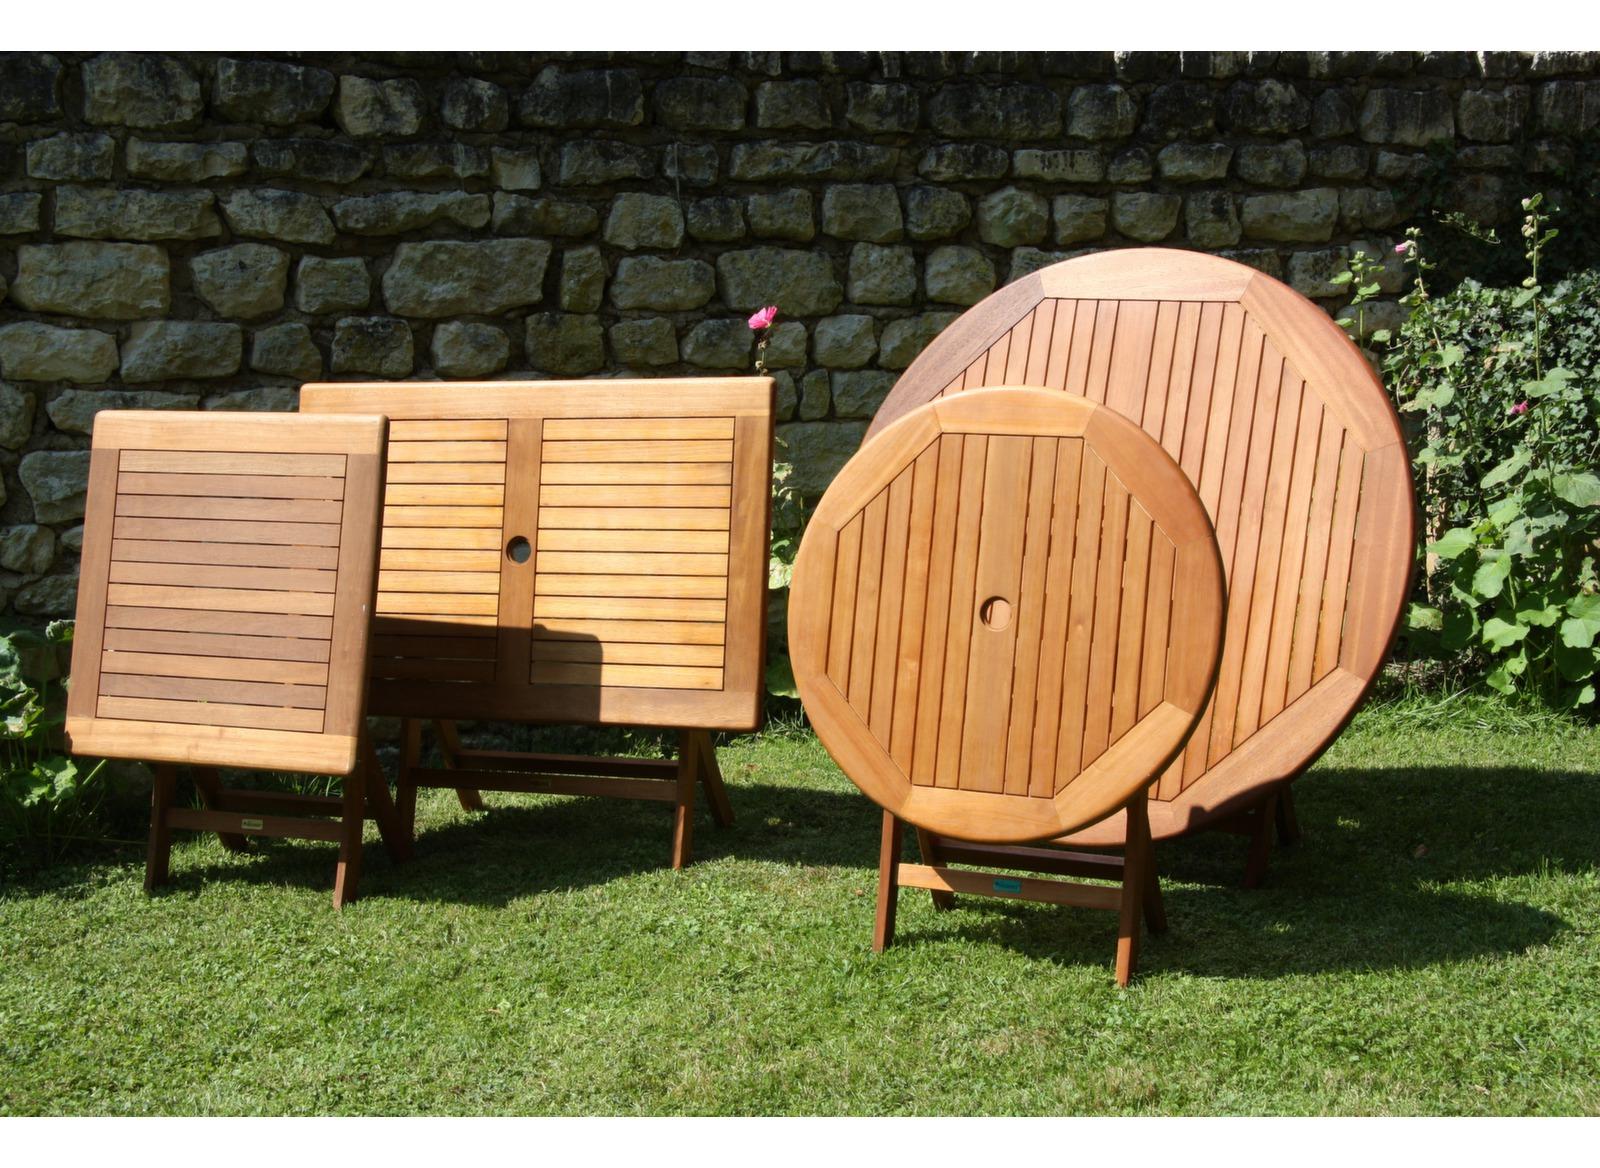 Table de jardin carrée en bois Sophie 70cm - Gamme Alizé - Proloisirs